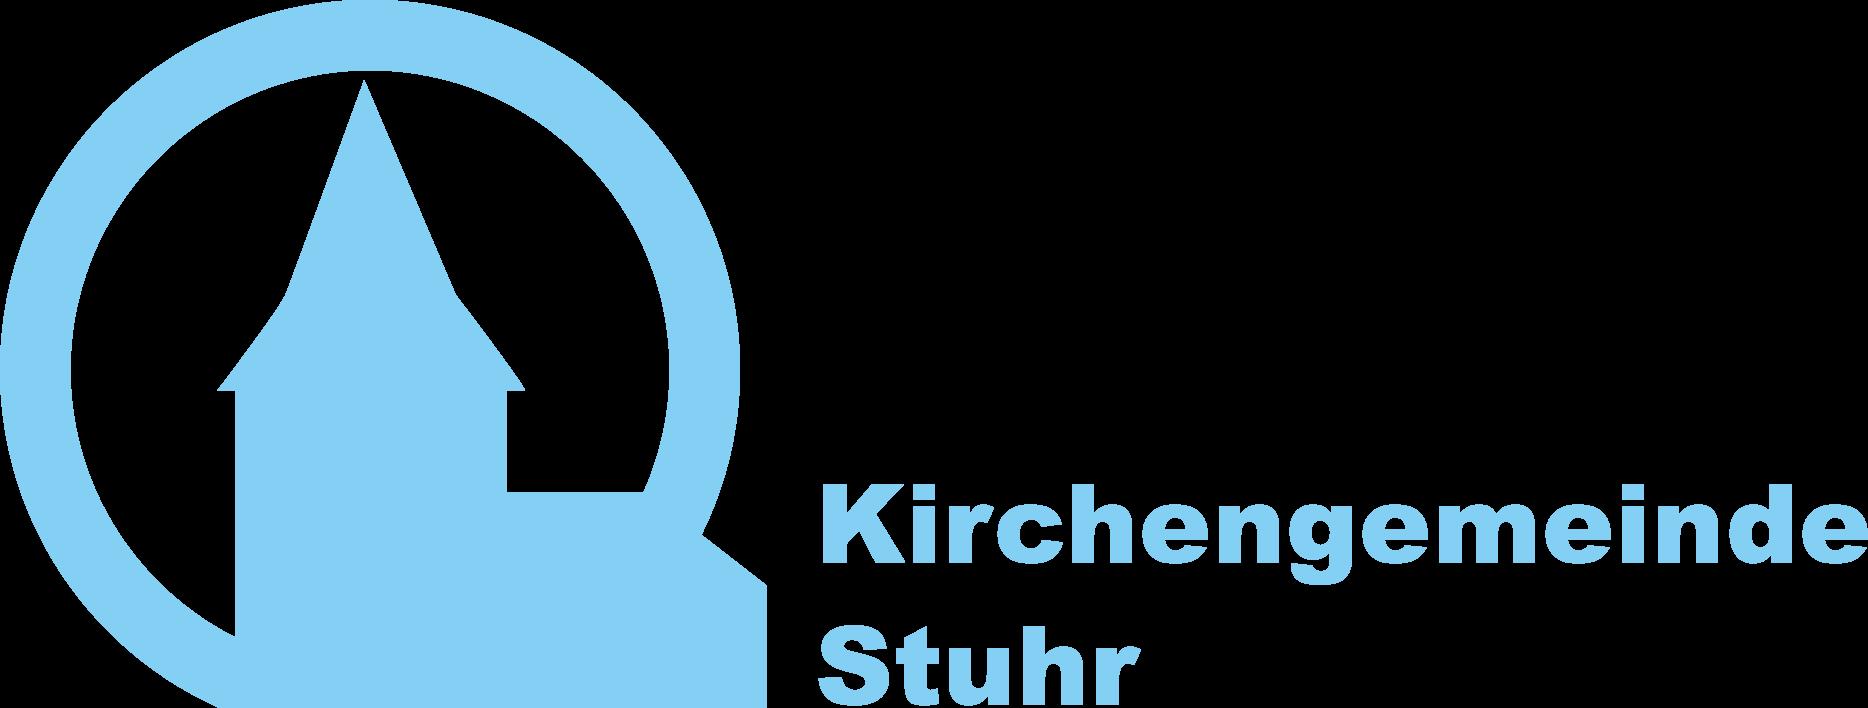 Ev Luth Kirchengemeinde Stuhr Taufe In Stuhr